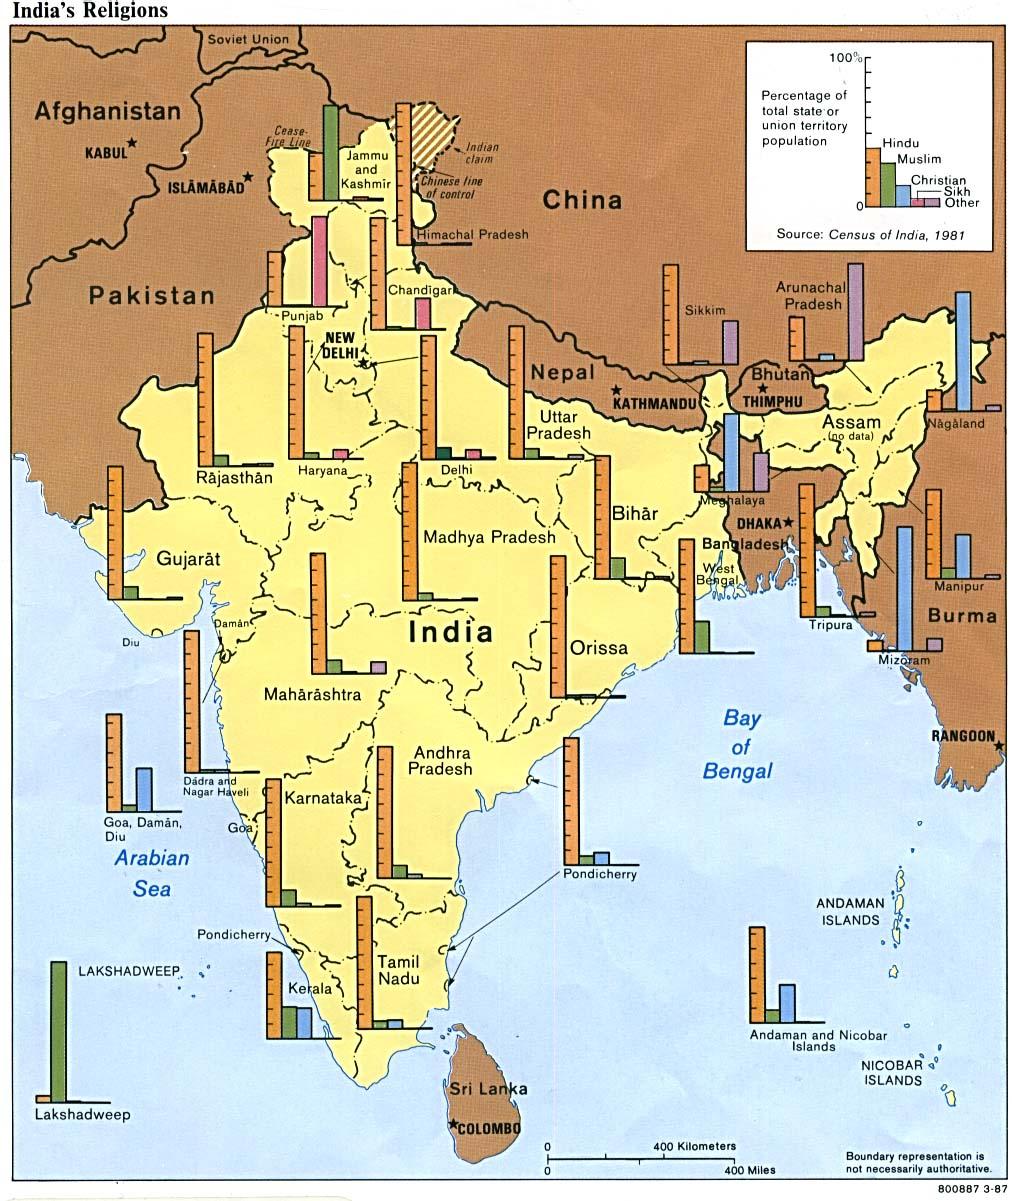 Mapa de las Religiones en India